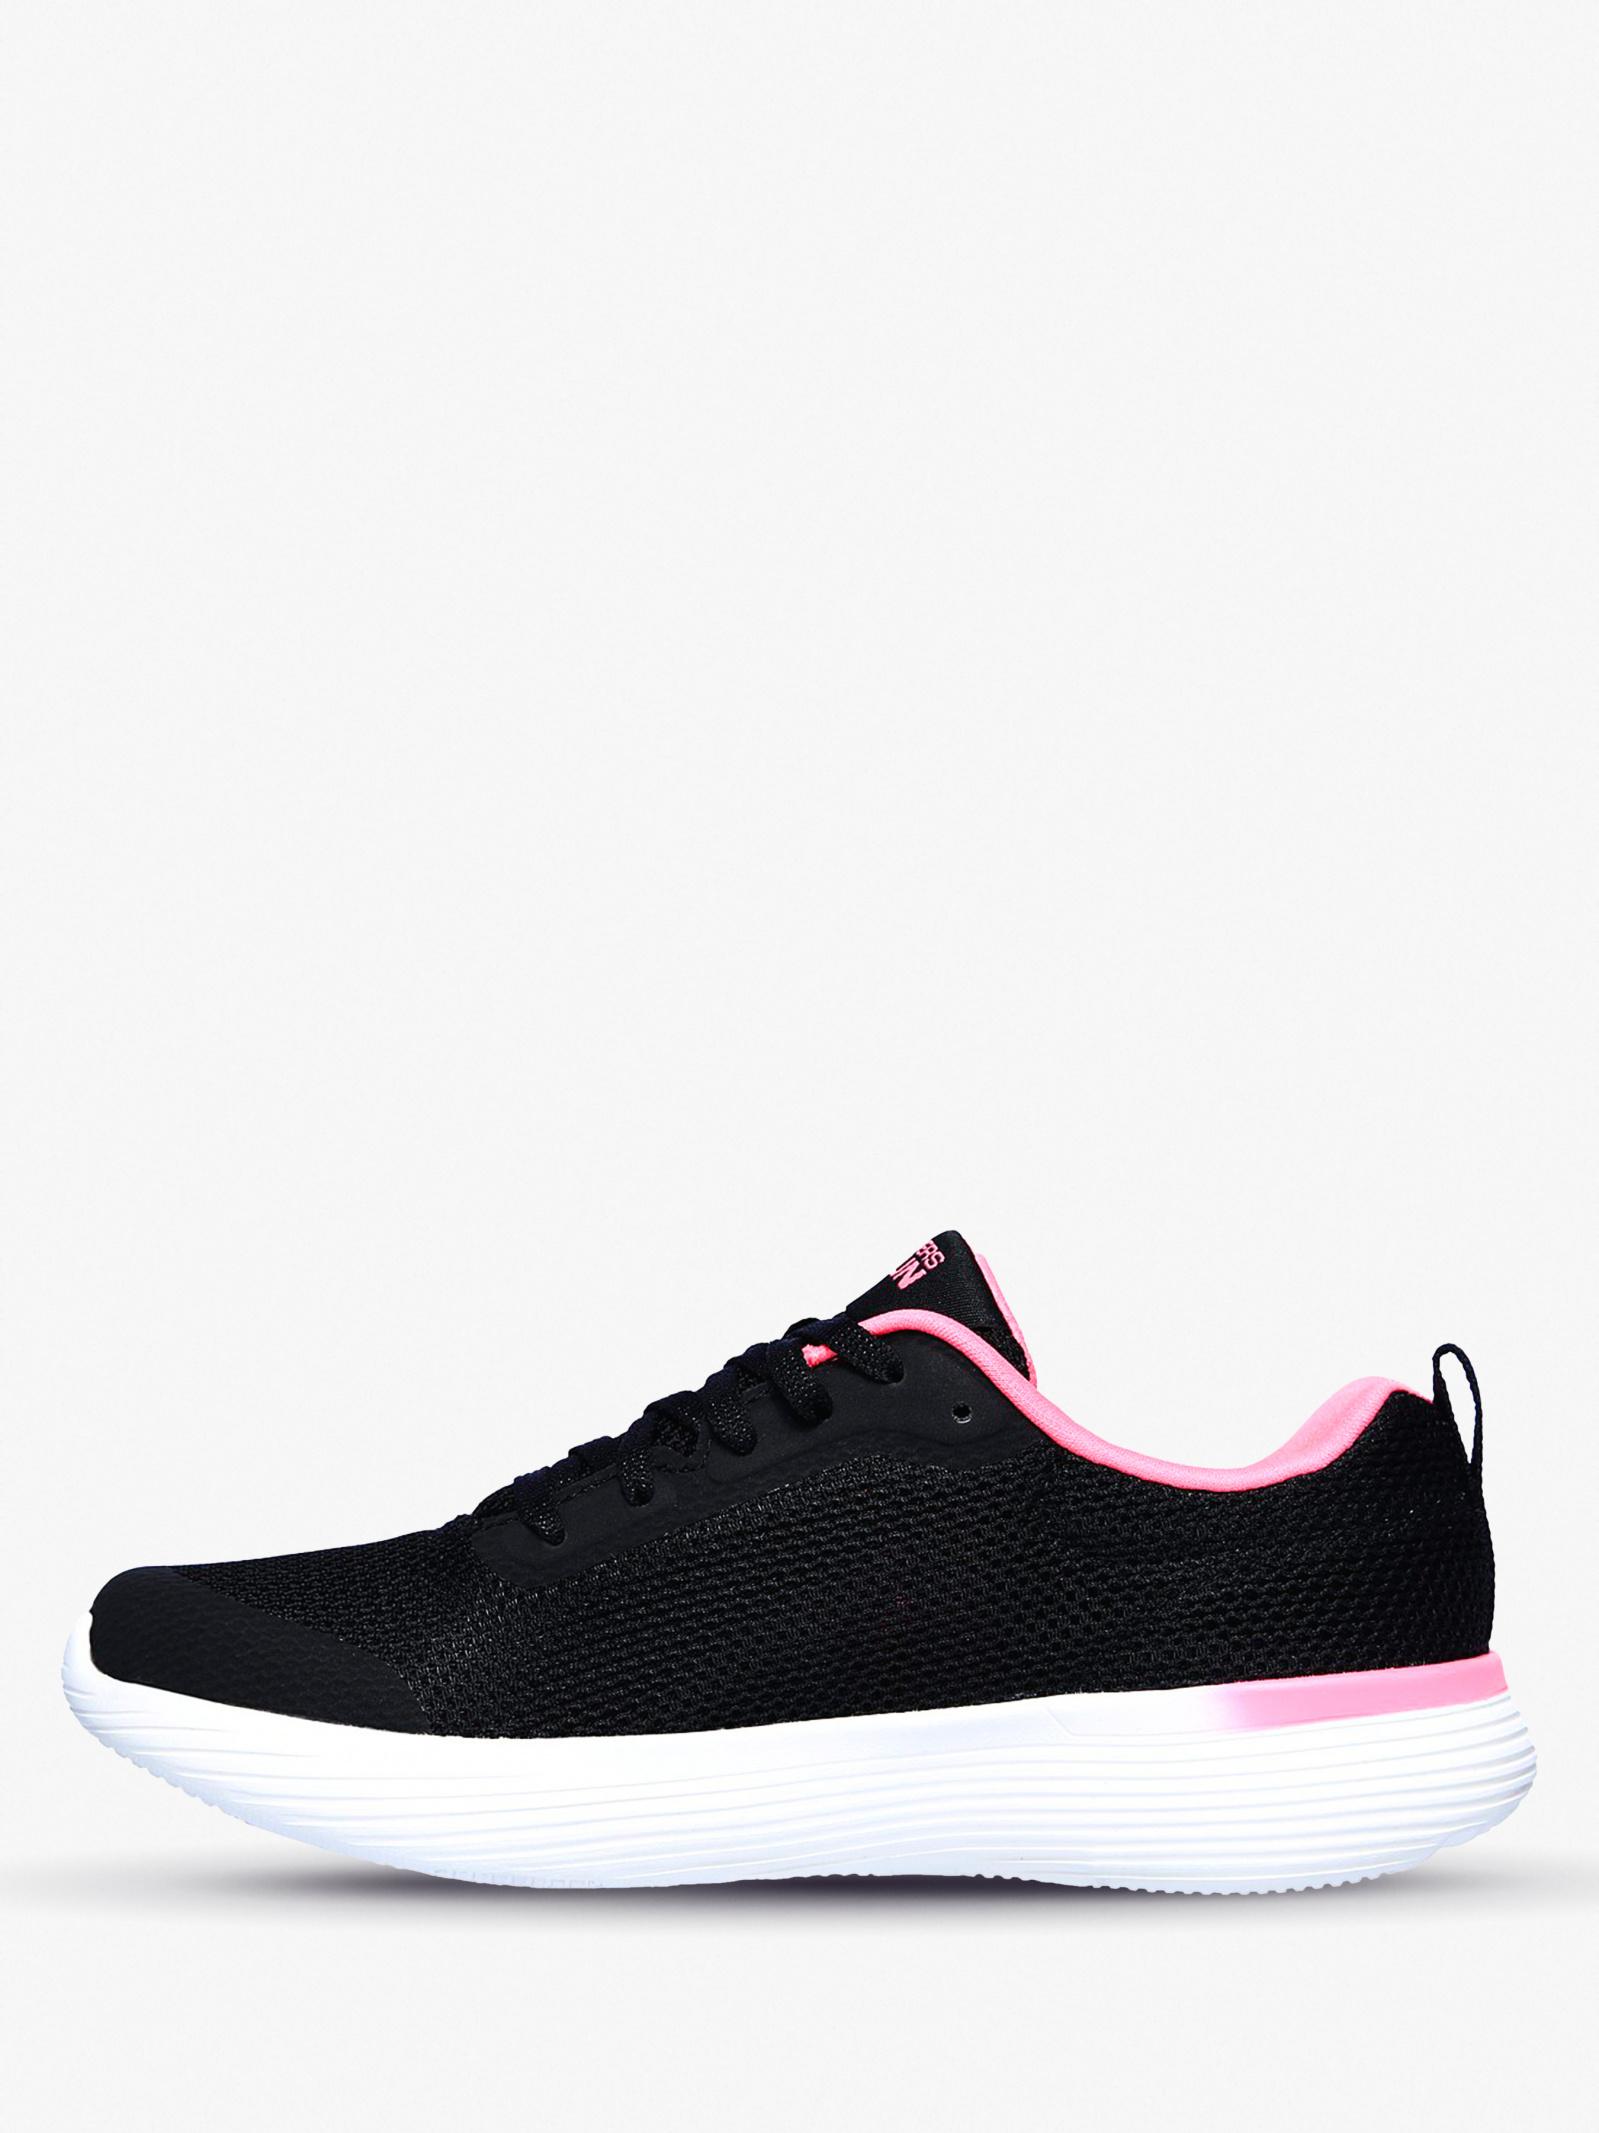 Кроссовки для женщин Skechers Performance 128000 BKPK брендовая обувь, 2017